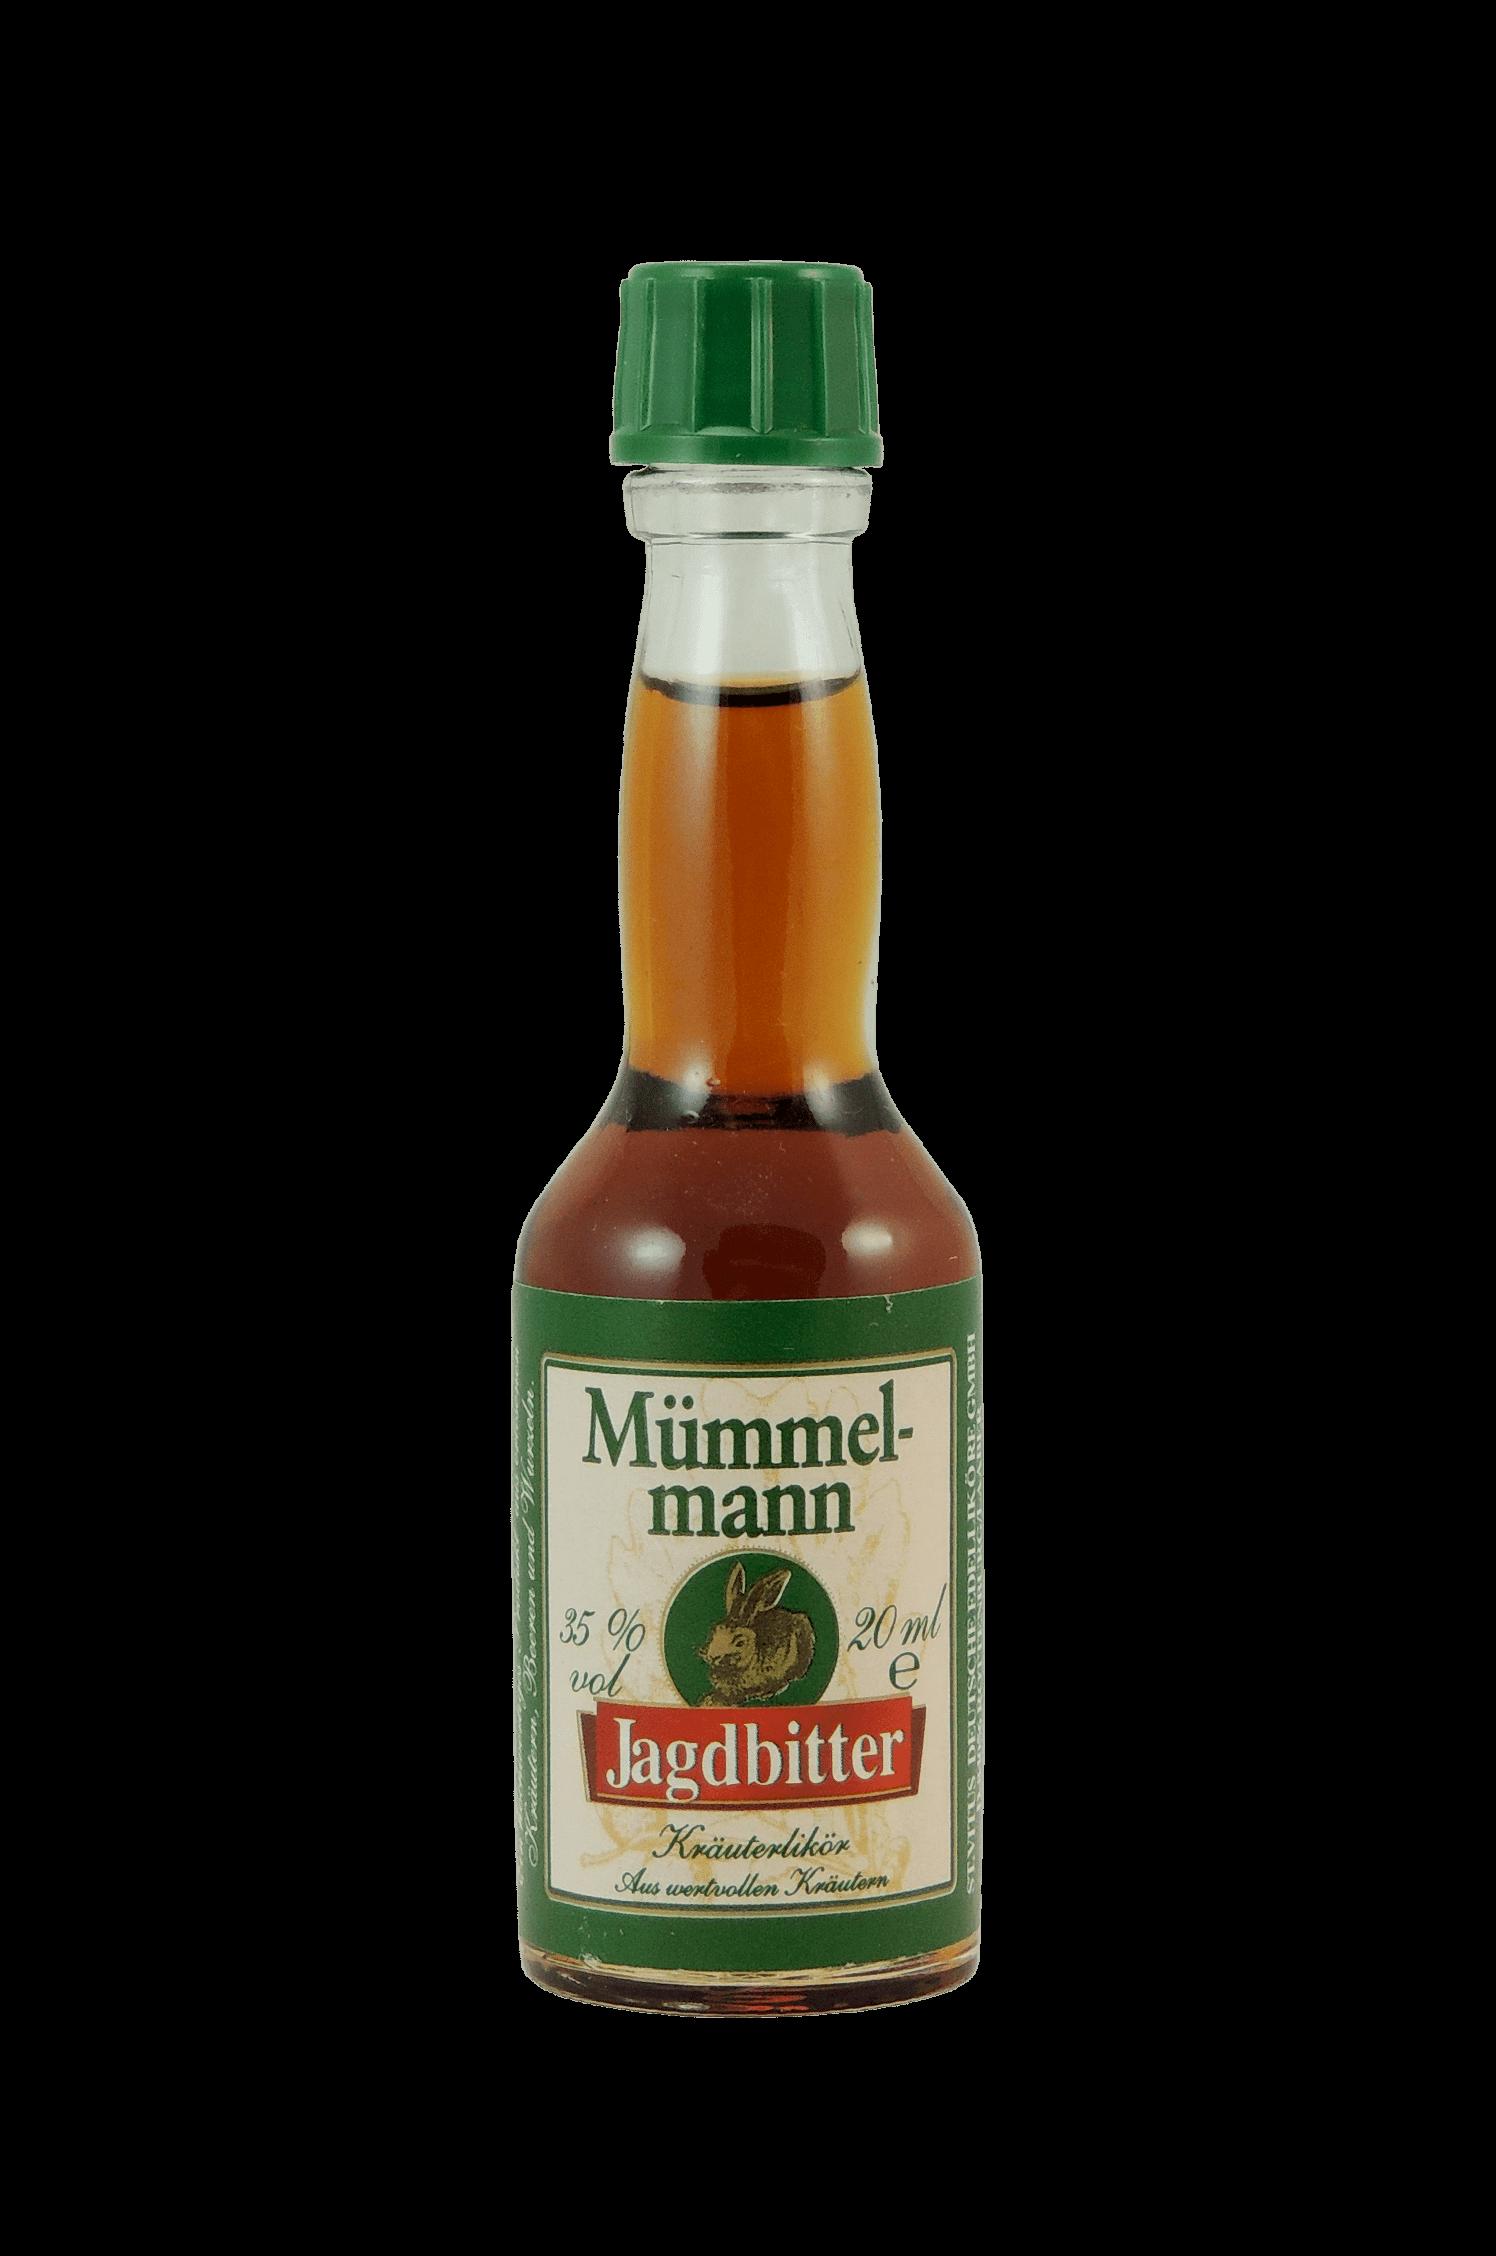 Mümmel-Mann Jagdbitter